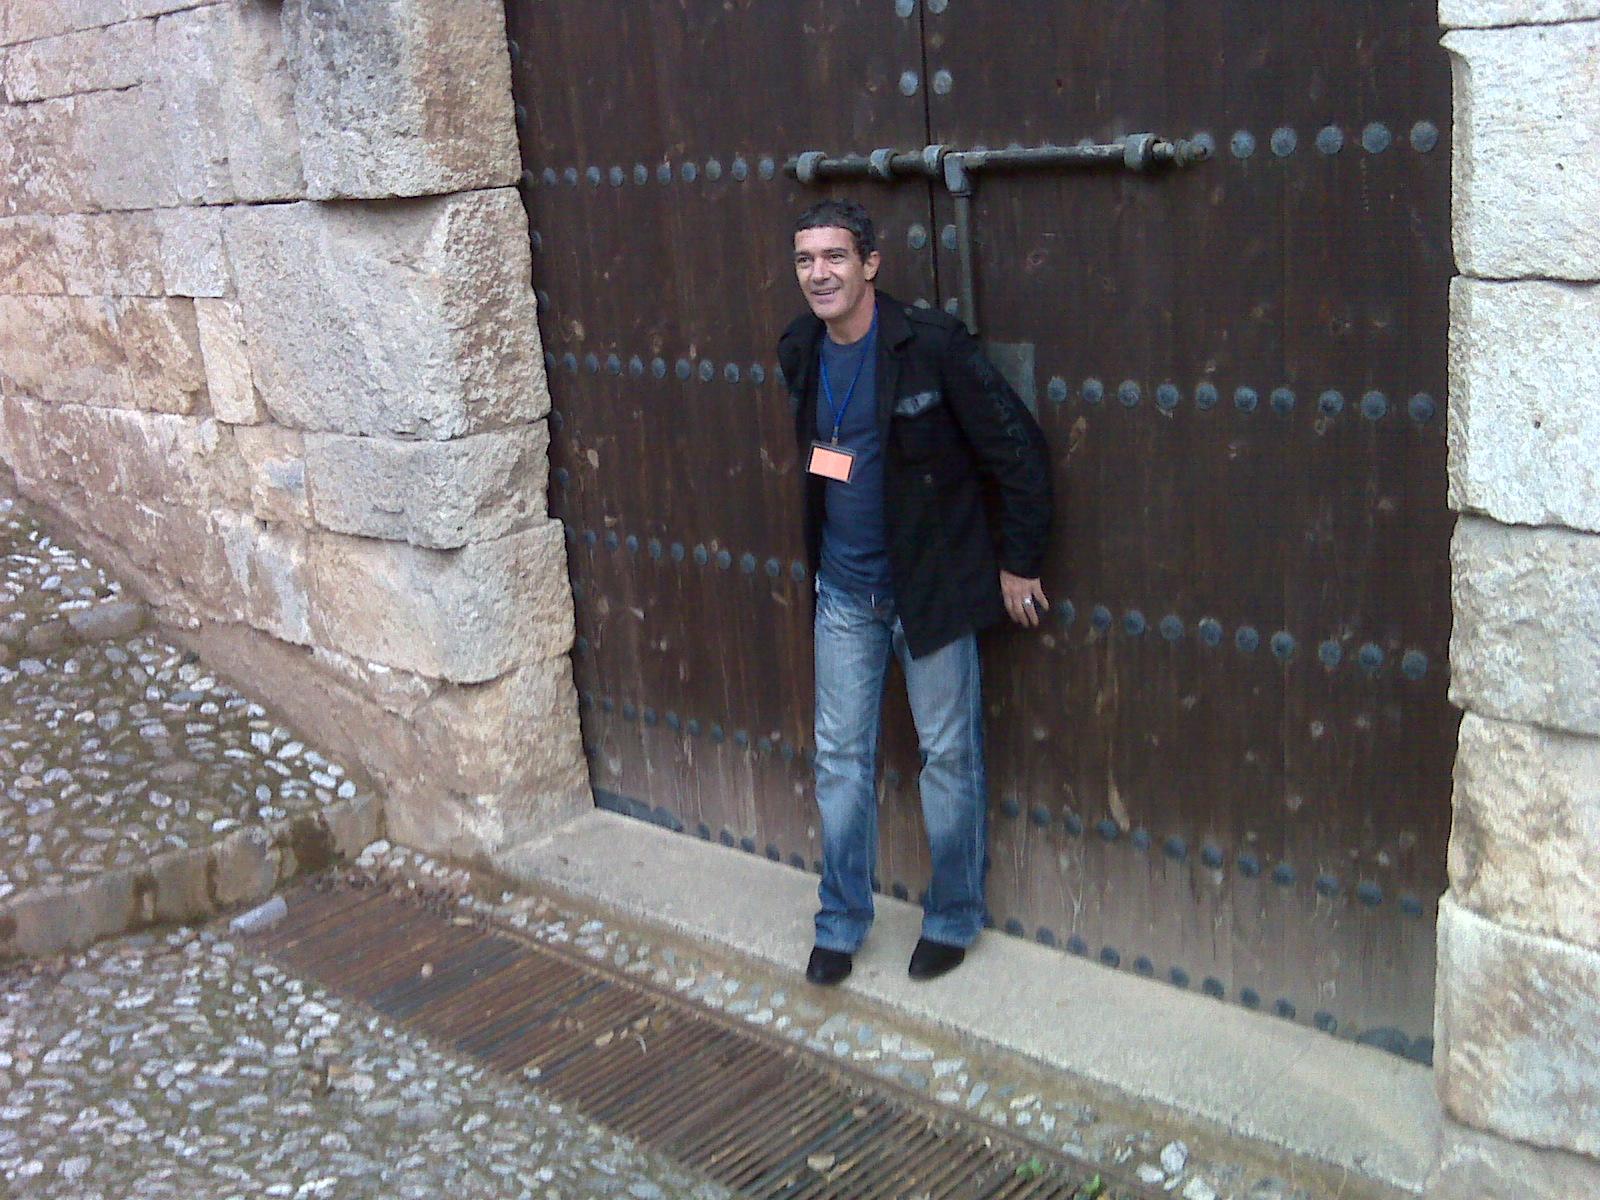 Antonio Banderas visita la Alhambra para buscar localizaciones para su próxima película.